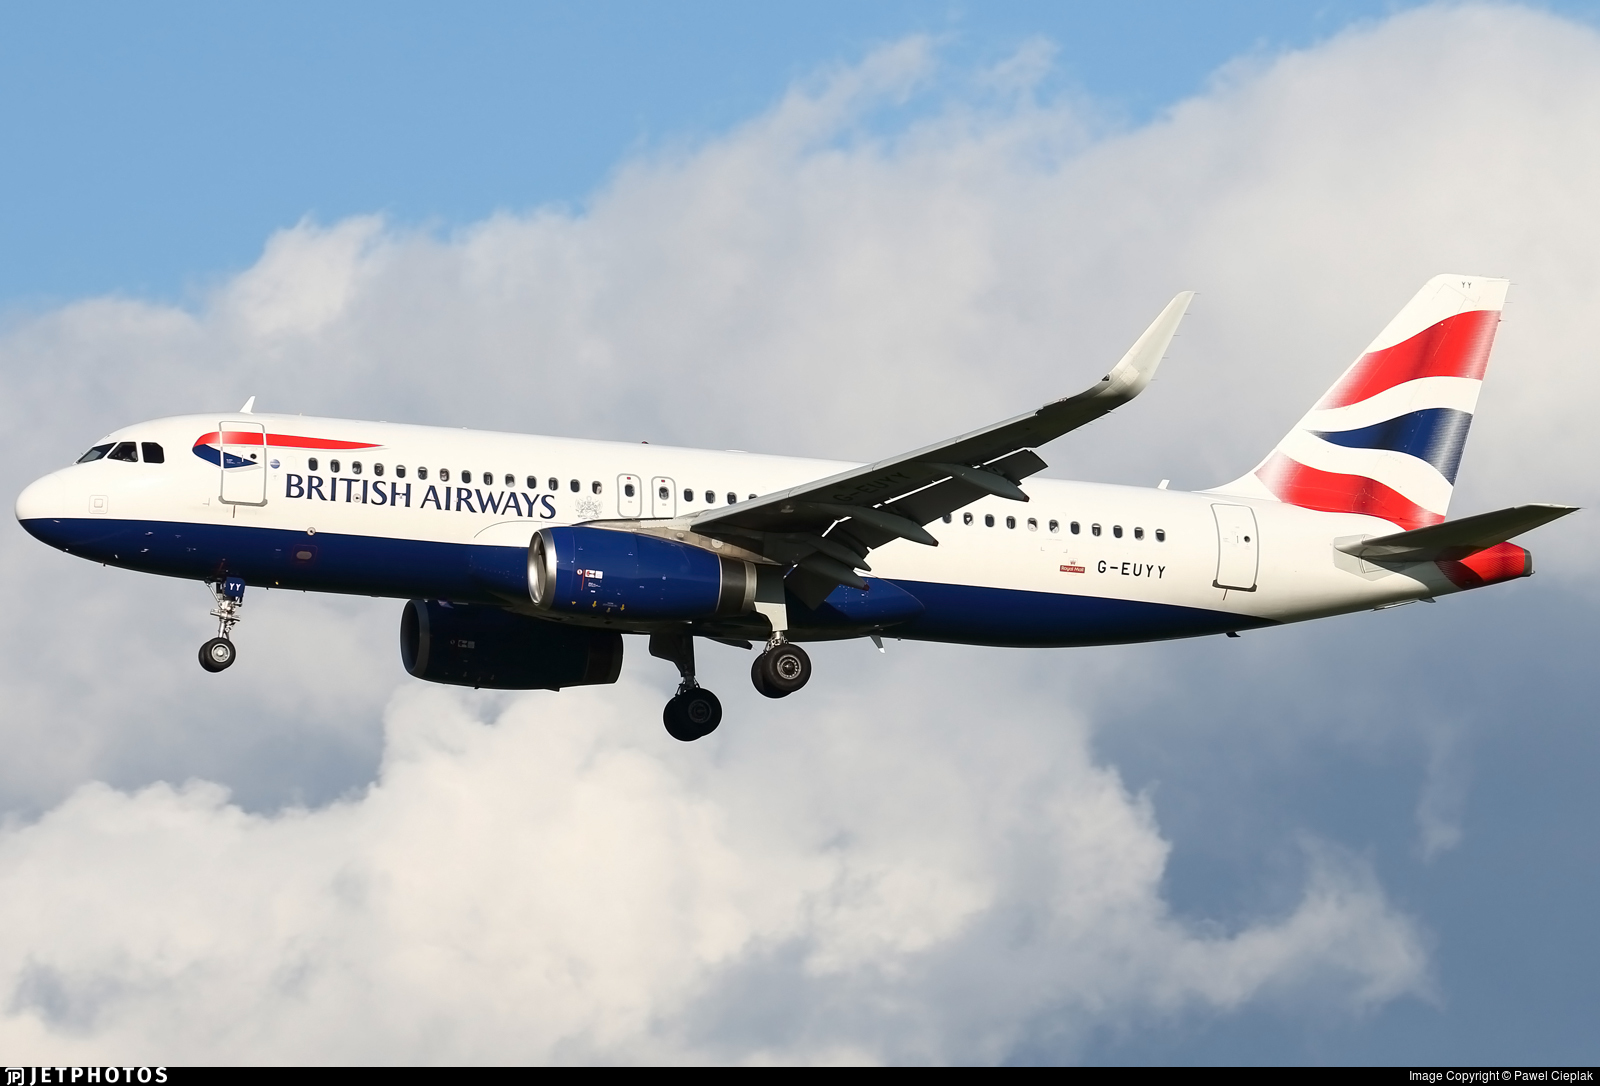 G-EUYY - Airbus A320-232 - British Airways